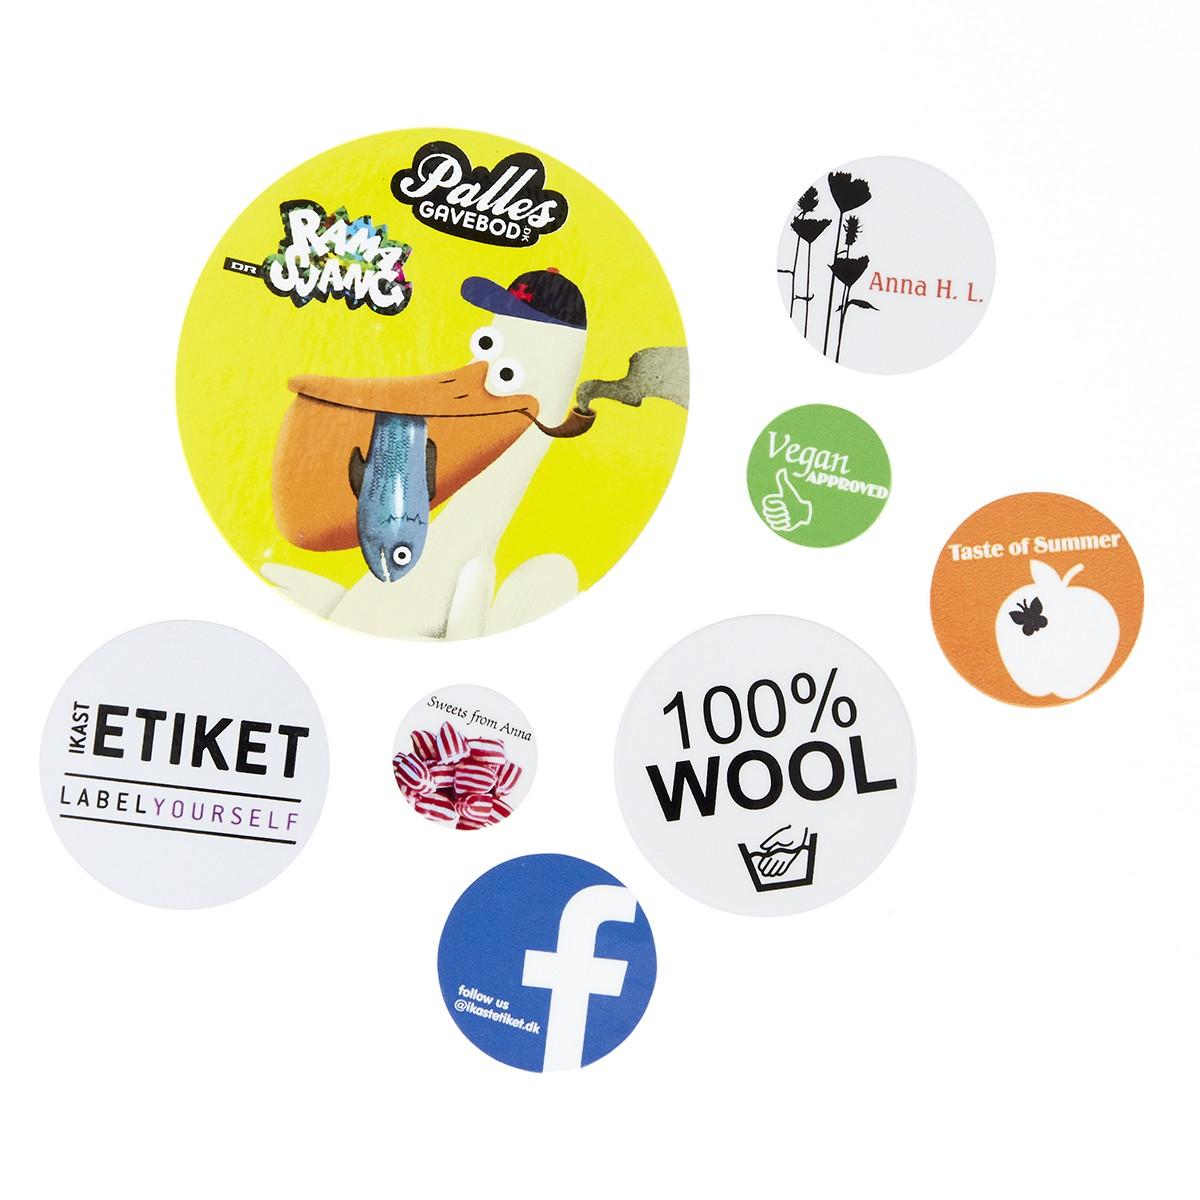 Sticker Teksten Bestellen.Ronde Stickers Met Tekst Hieronder Bestellen